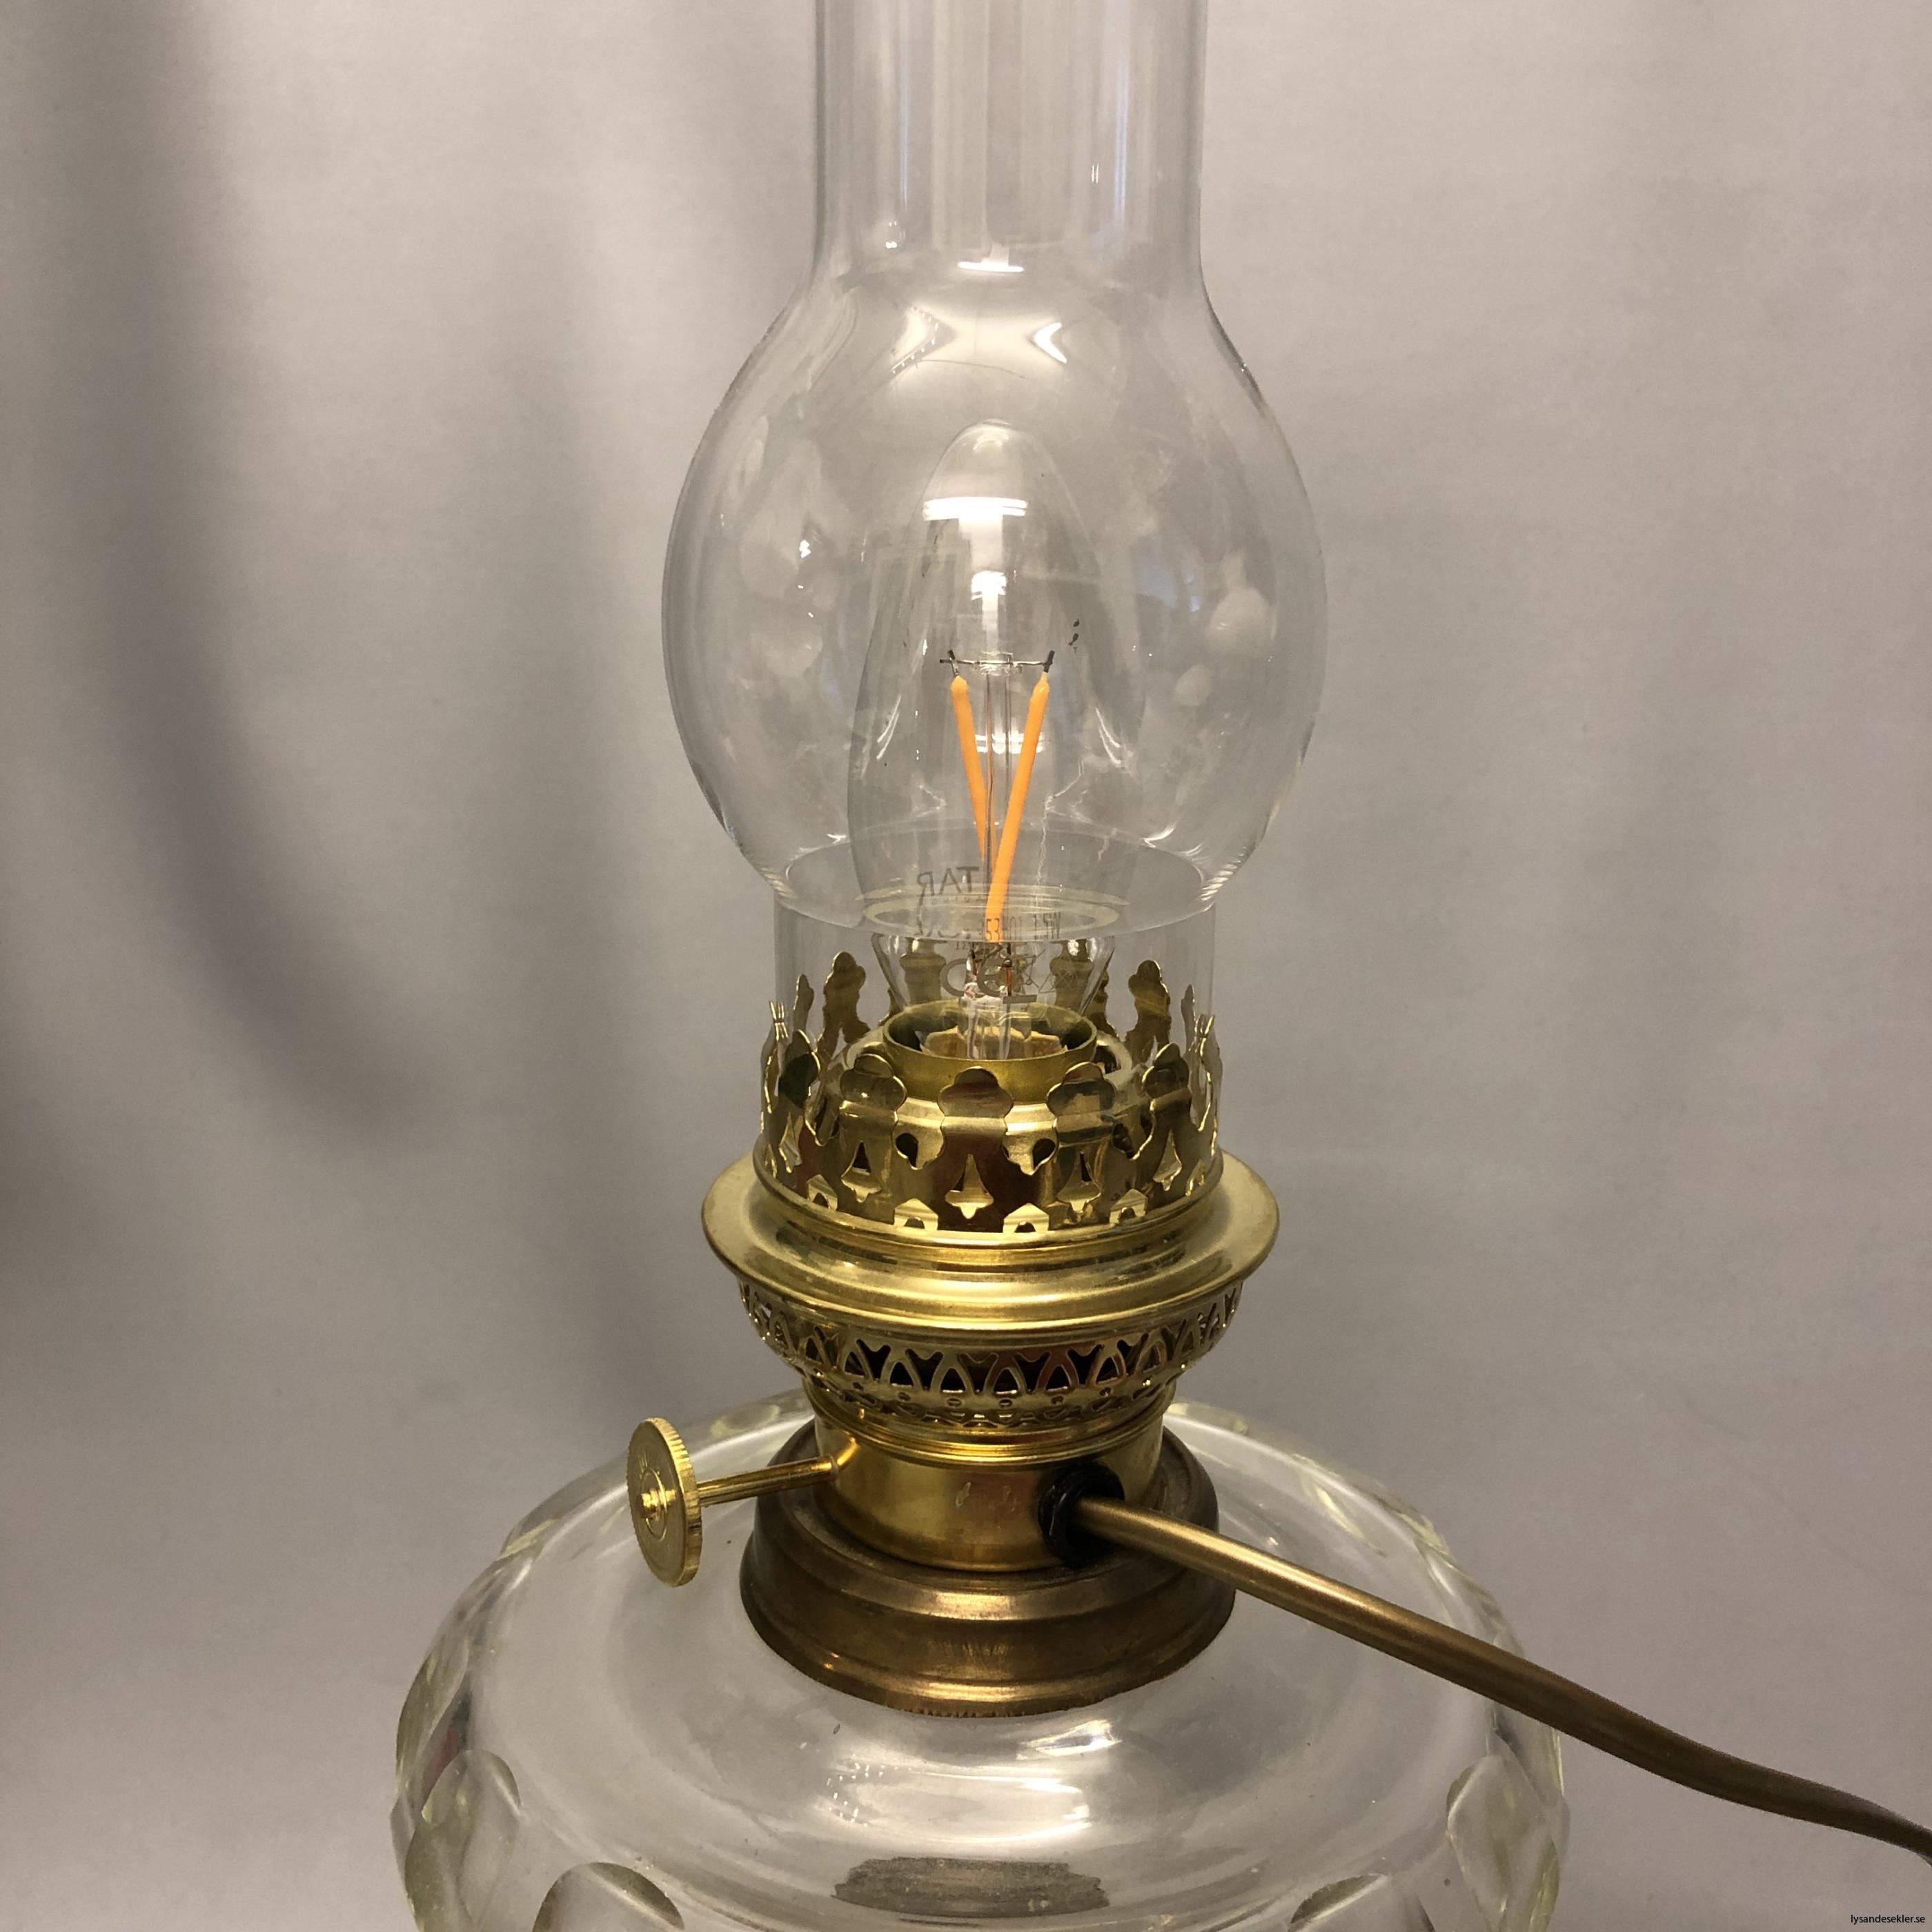 elektrisk brännare imitationsbrännare elbrännare2